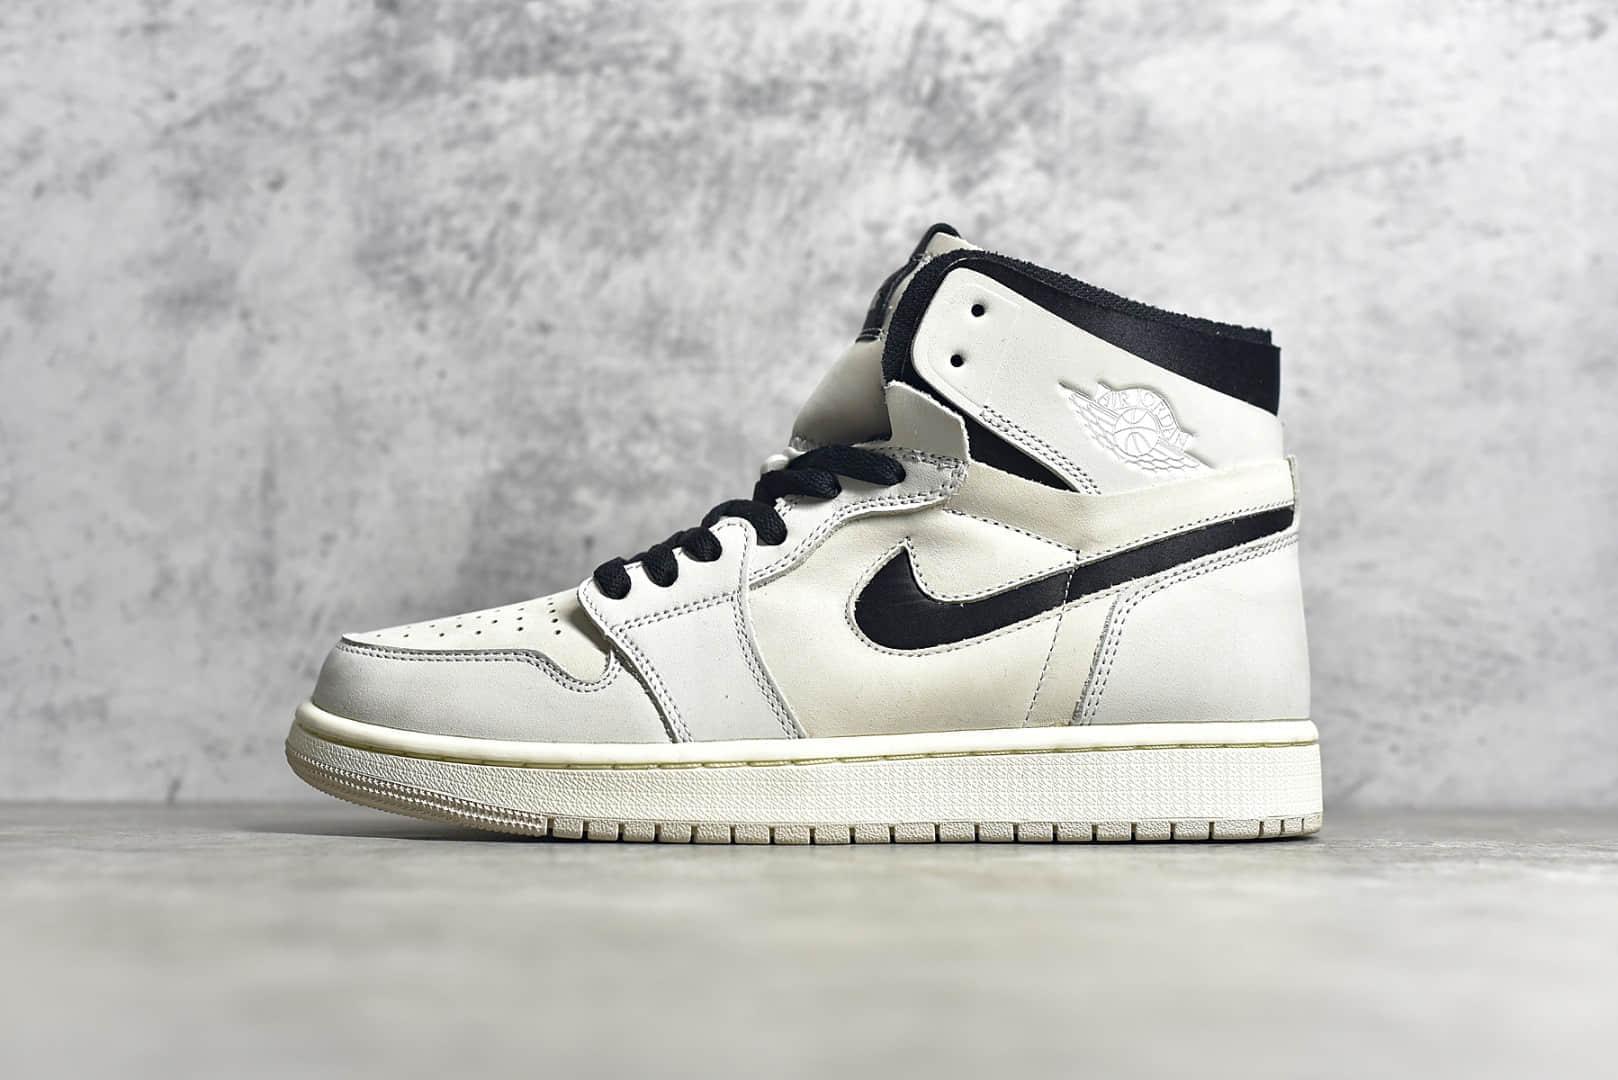 """AJ1珍珠奶茶女生专属版本 Air Jordan 1 Zoom Air CMFT""""Summit White"""" 纯原版本AJ1米白高帮 货号:CT0979-100-潮流者之家"""